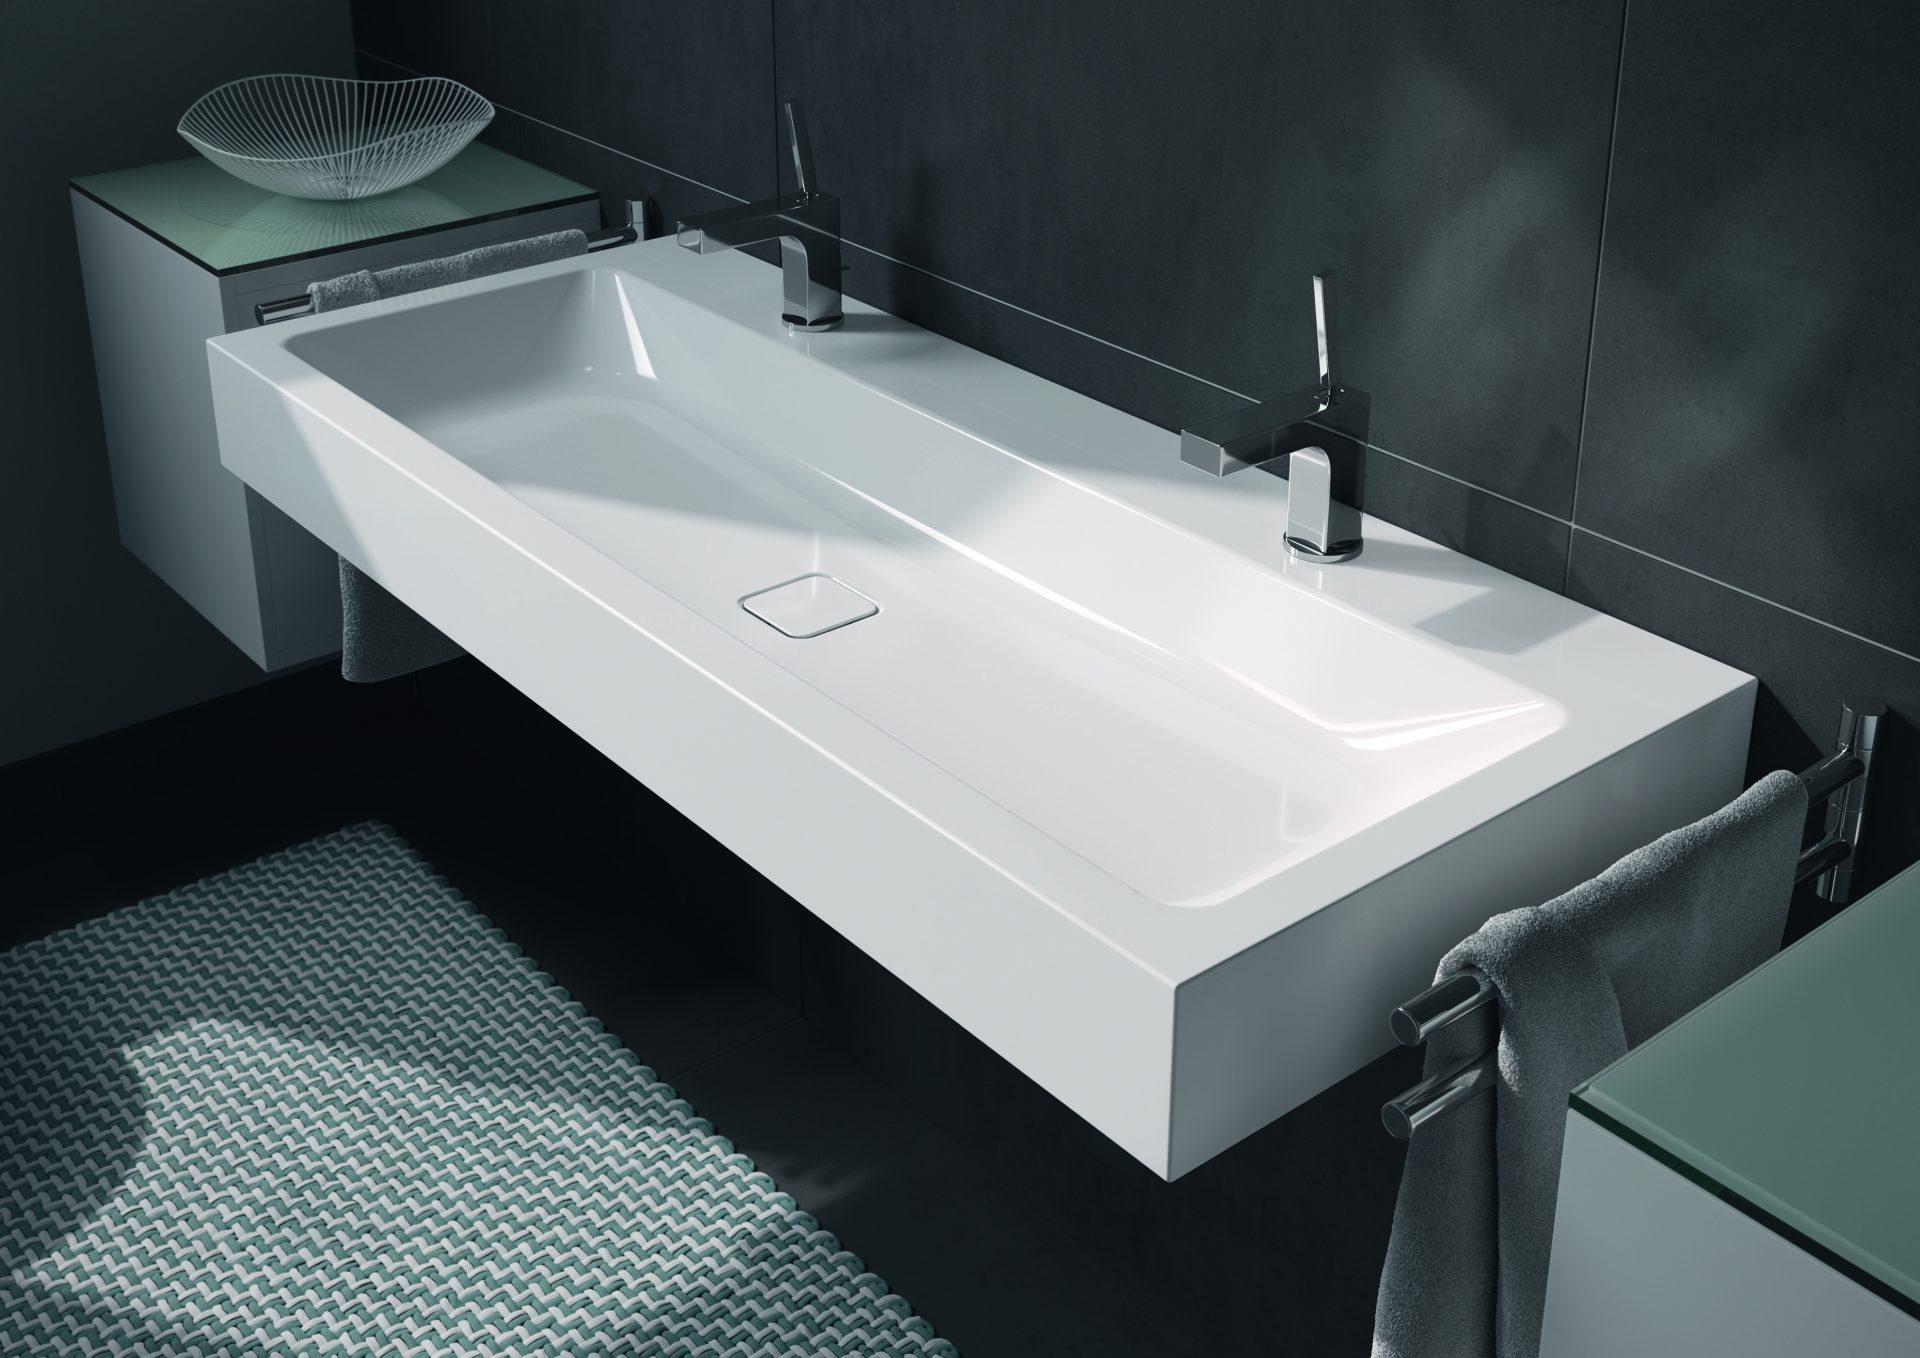 Exklusiver Waschplatz mit garantiert langer Lebensdauer